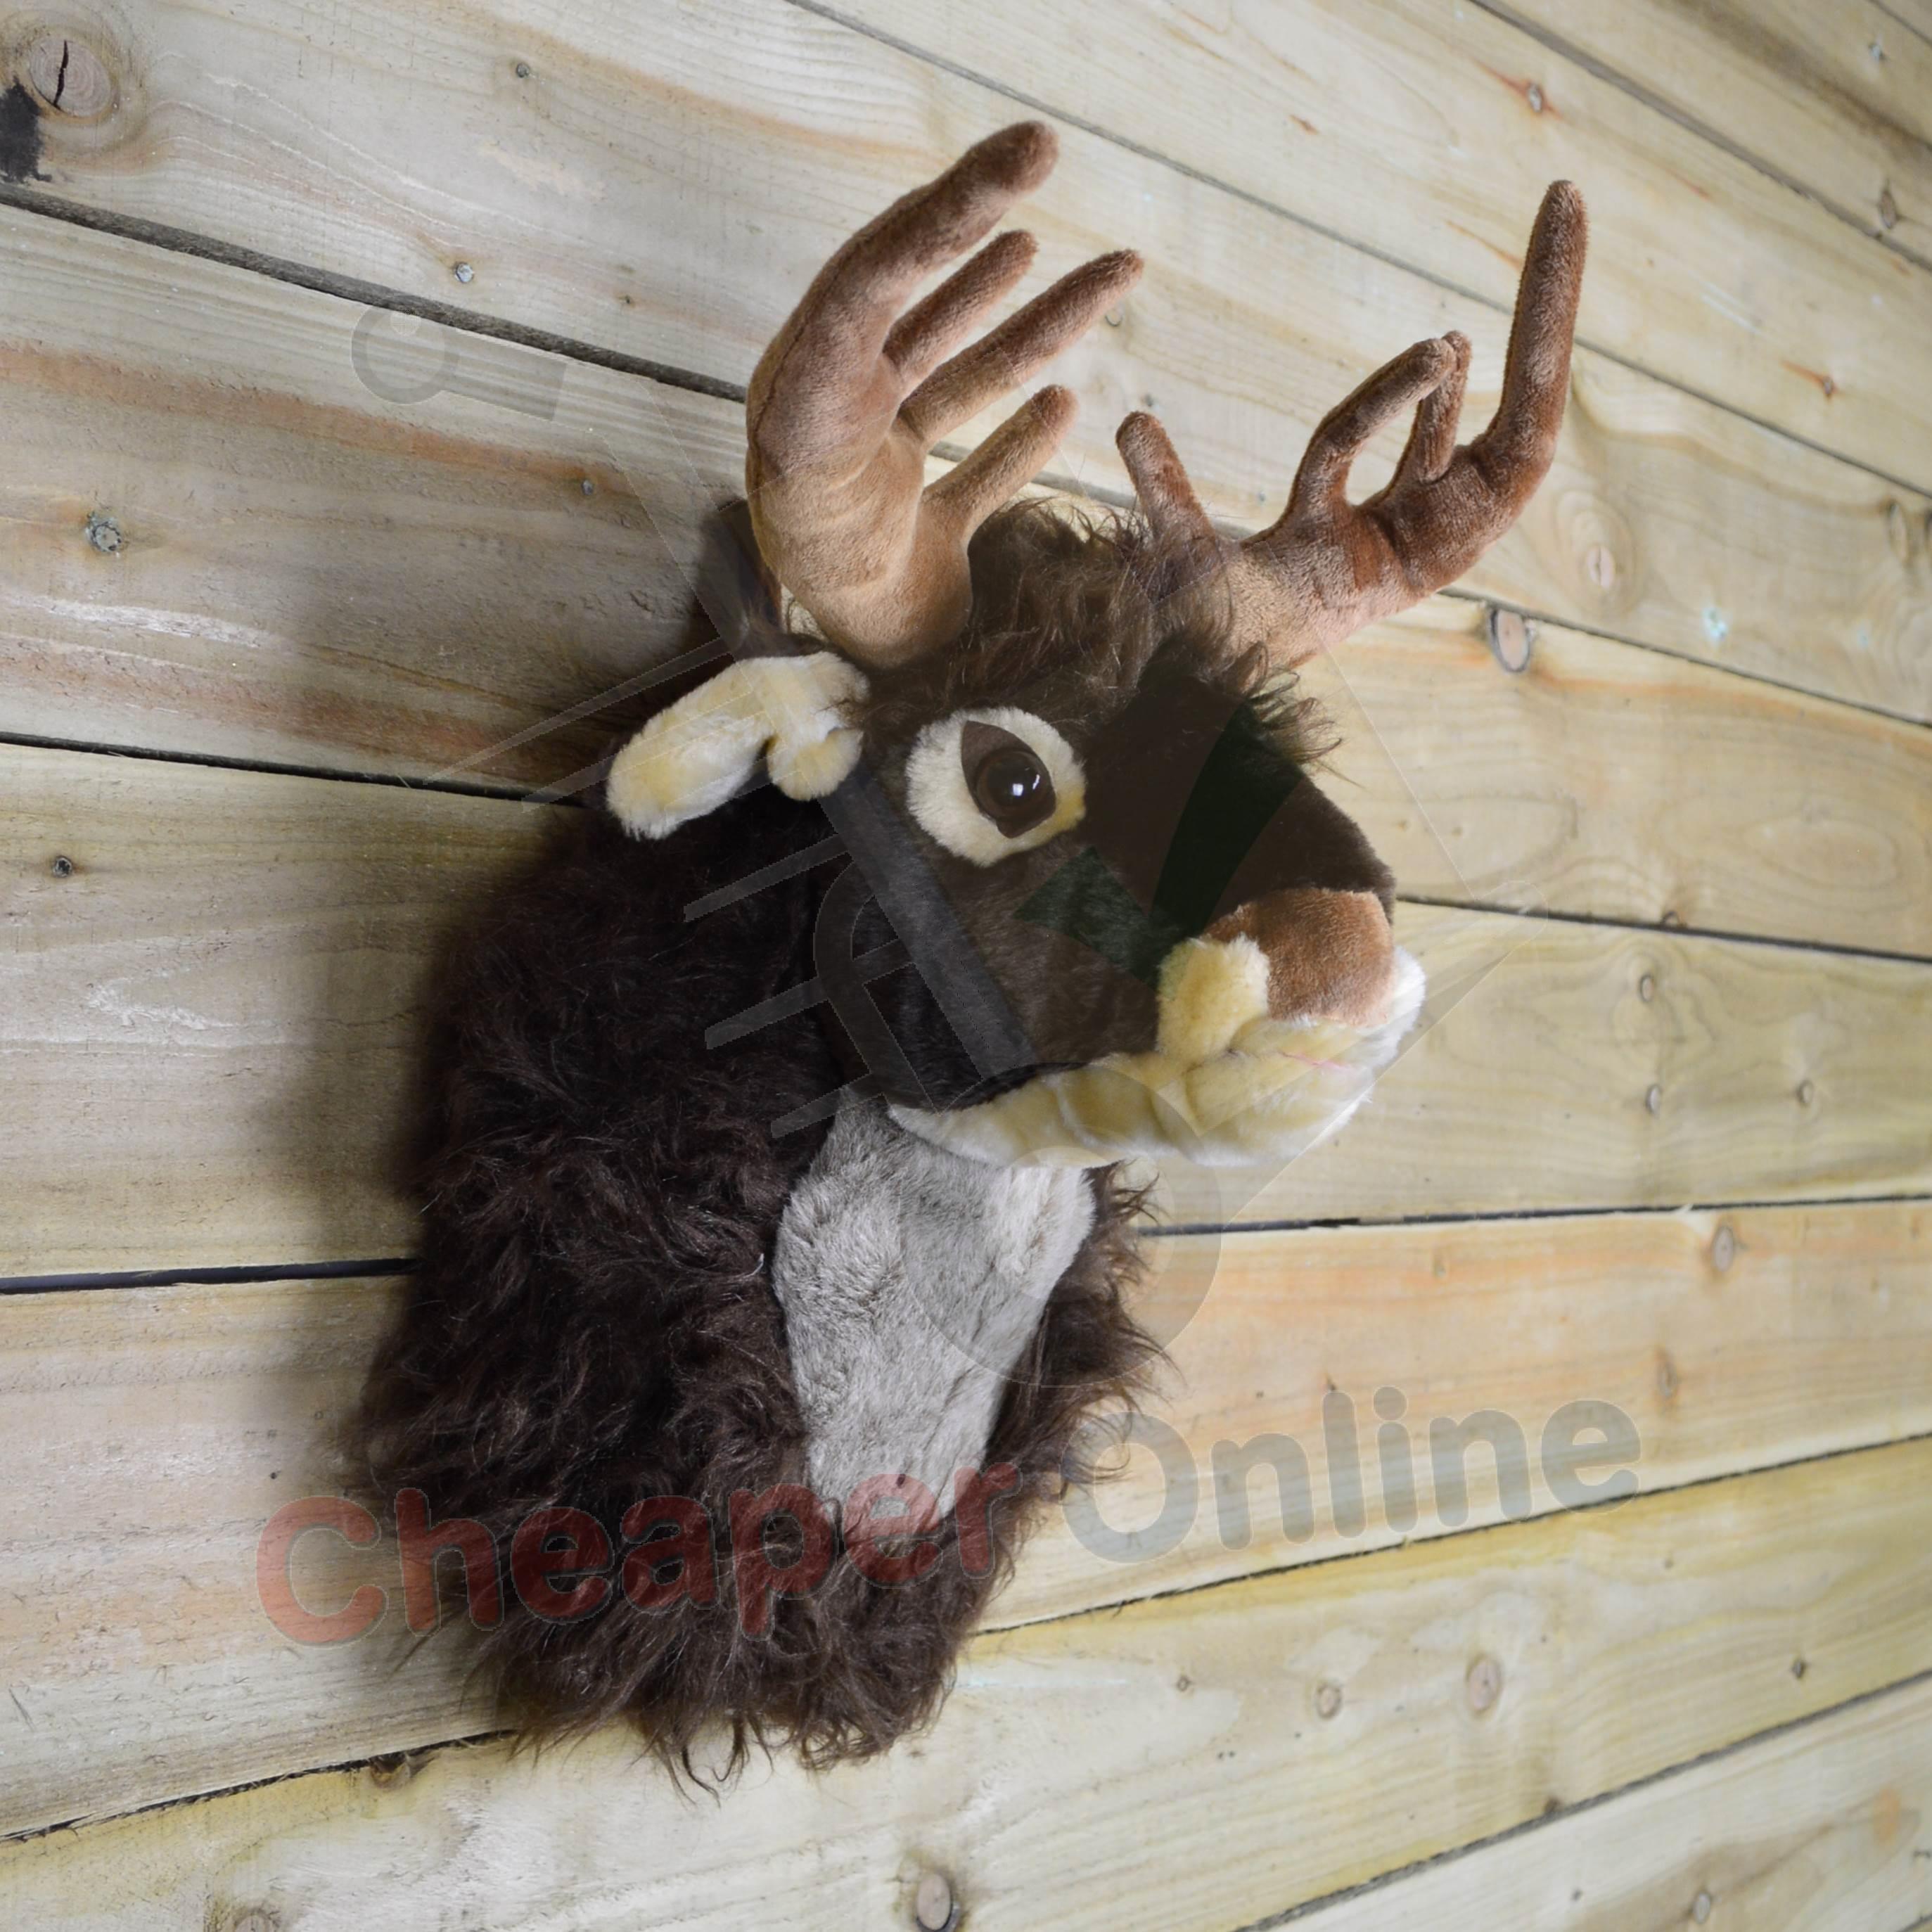 40cm (16 inch) Singing Plush Taxidermy Reindeer Head Christmas Wall ...